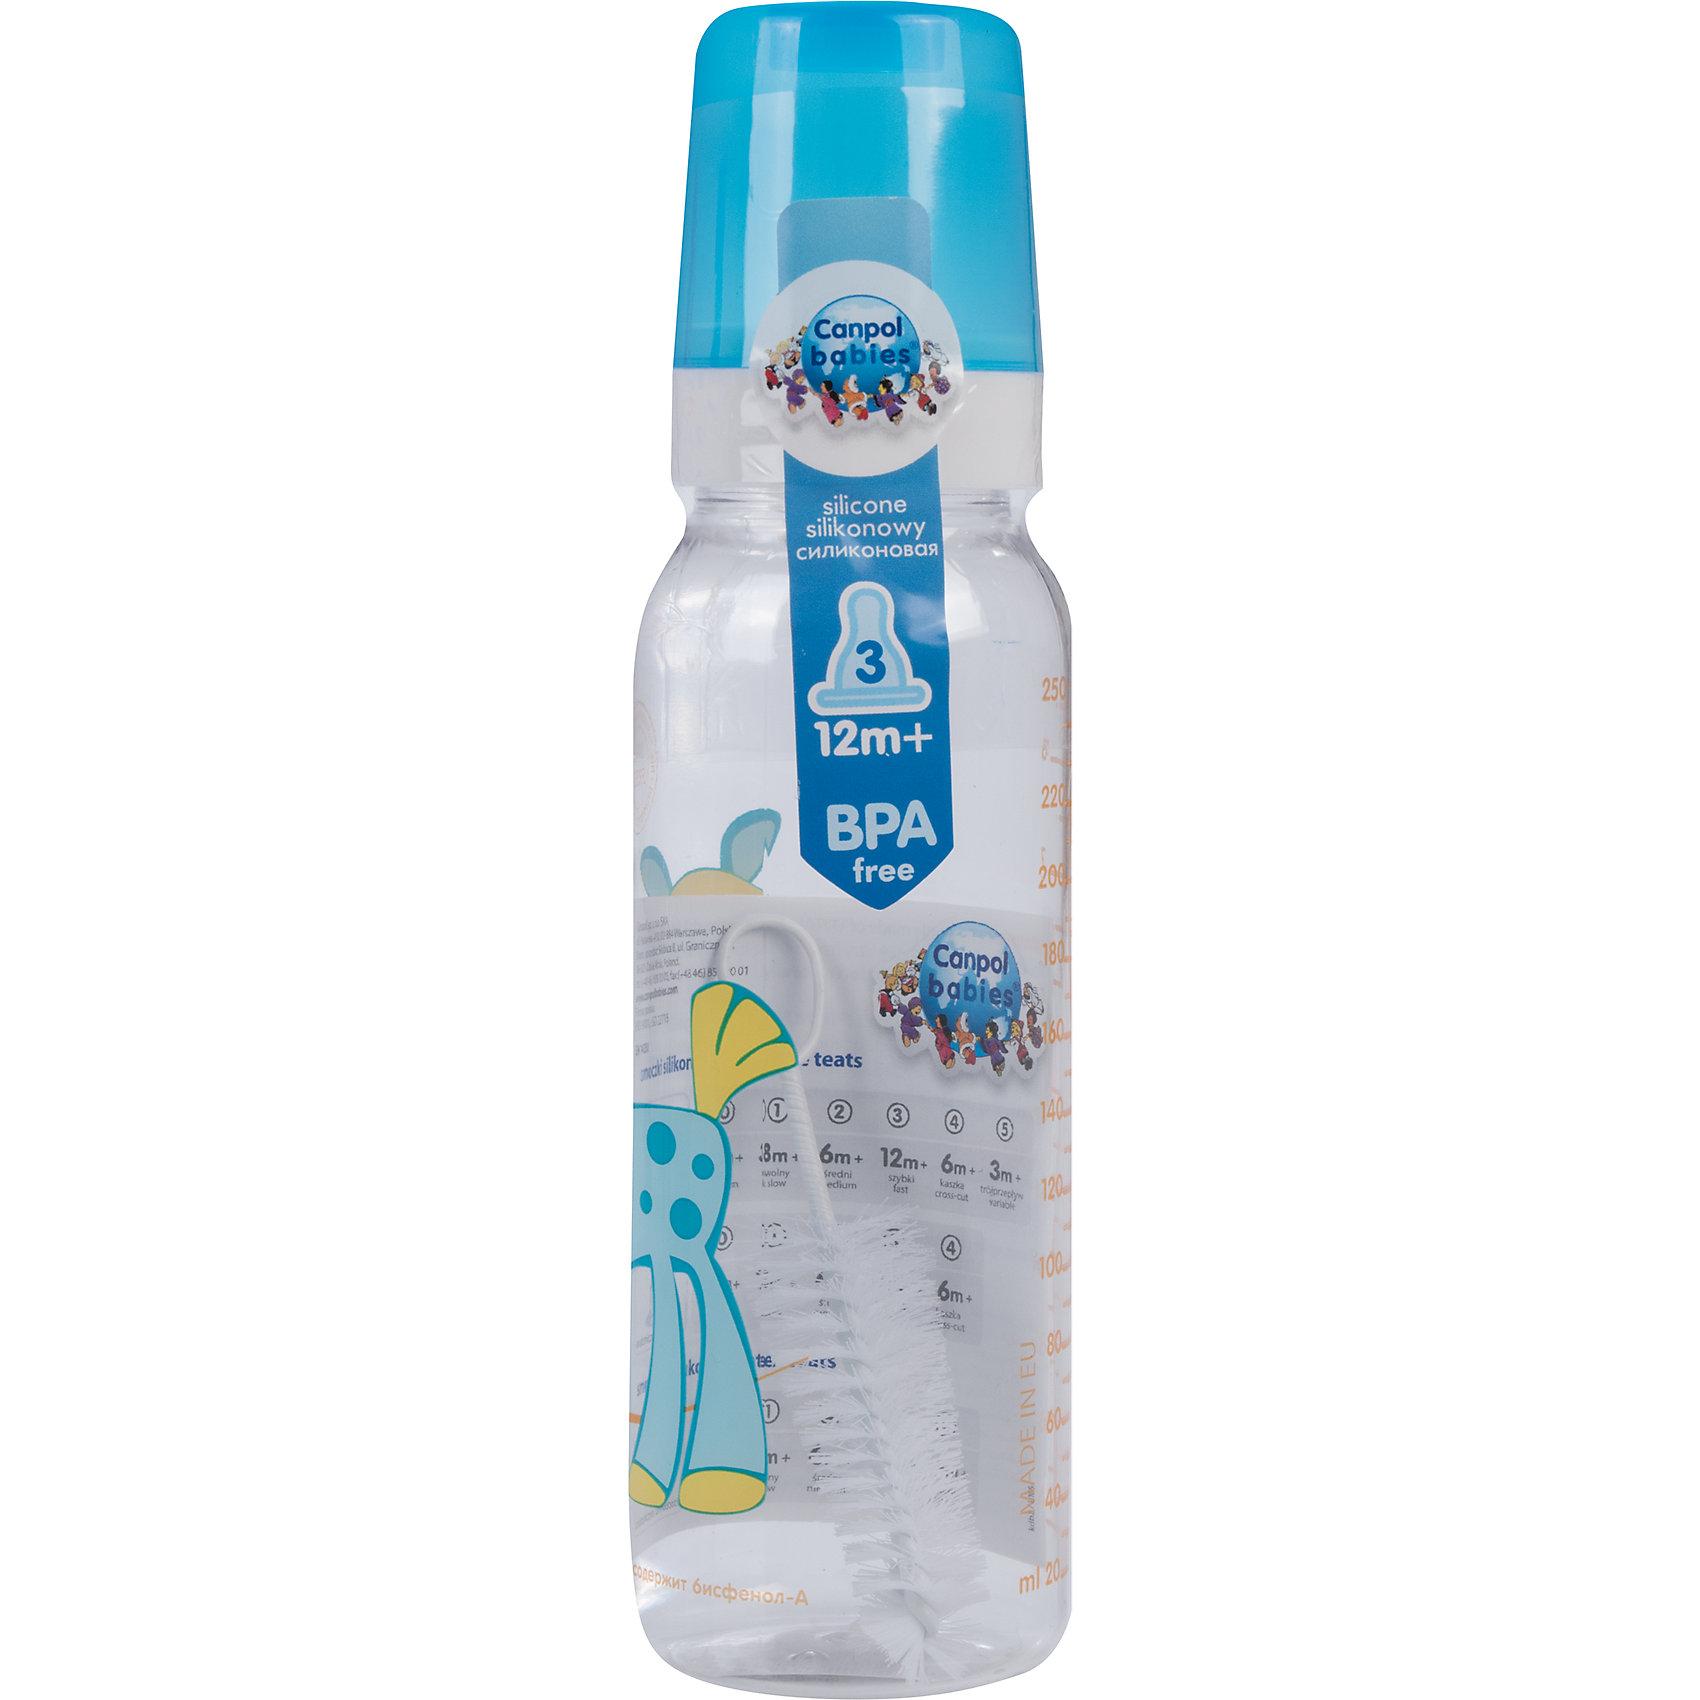 Бутылочка тритановая (BPA 0%) с сил. соской, 250 мл. 12+ Cheerful animals, Canpol Babies, лошадка210 - 281 мл.<br>Бутылочка тритановая (BPA 0%) с сил. соской, 250 мл. 12+ Cheerful animals, Canpol Babies, (Канпол Бейбис), лошадка.<br><br>Характеристики: <br><br>• Объем бутылочки: 250мл.<br>• Материал бутылочки: тритан - пластик нового поколения.<br>• Материал соски: силикон.<br>• Цвет : синий. <br>Бутылочка тритановая (BPA 0%) с сил. соской, 250 мл. 12+ Cheerful animals, Canpol Babies, (Канпол Бейбис) имеет классическую форму. Удобна в использовании дома и в дороге. Бутылочка выполнена из безопасного качественного материала - тритана, который хорошо держит тепло, снабжена силиконовой соской (быстрый поток) и защитным колпачком, имеет удобную мерную шкалу.  Такую бутылочку и все части можно кипятить в воде или стерилизовать с помощью специального прибора. Не впитывает запахи. Бутылочка выполнена в синем цвете, украшена  забавным принтом – лошадка.<br>Бутылочка тритановая (BPA 0%) с сил. соской, 250 мл. 12+ Cheerful animals, Canpol Babies, (Канпол Бейбис), лошадка можно купить в нашем интернет- магазине.<br><br>Ширина мм: 65<br>Глубина мм: 54<br>Высота мм: 235<br>Вес г: 640<br>Возраст от месяцев: 12<br>Возраст до месяцев: 36<br>Пол: Унисекс<br>Возраст: Детский<br>SKU: 5156808